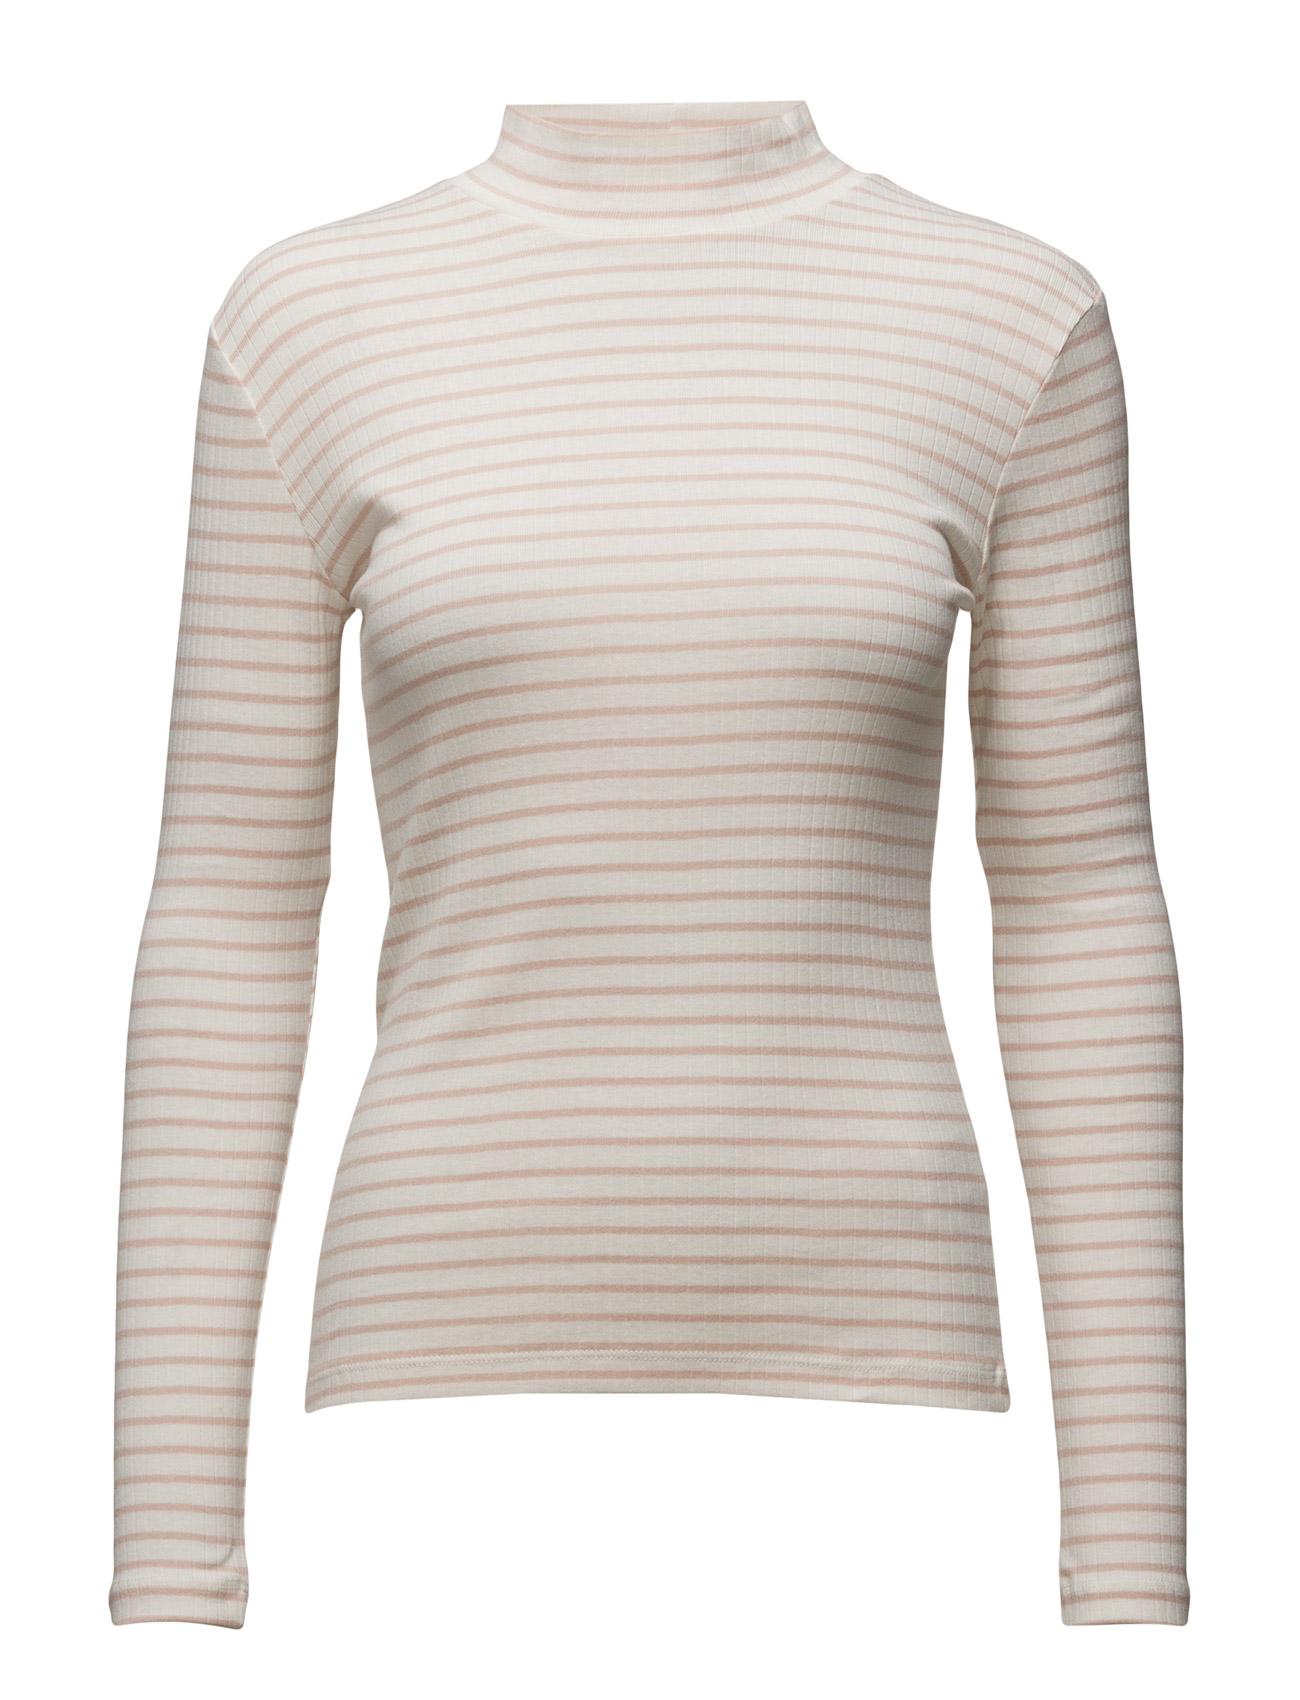 82b1160099d Køb Segal mbyM T-shirts & toppe i til Kvinder fra Boozt